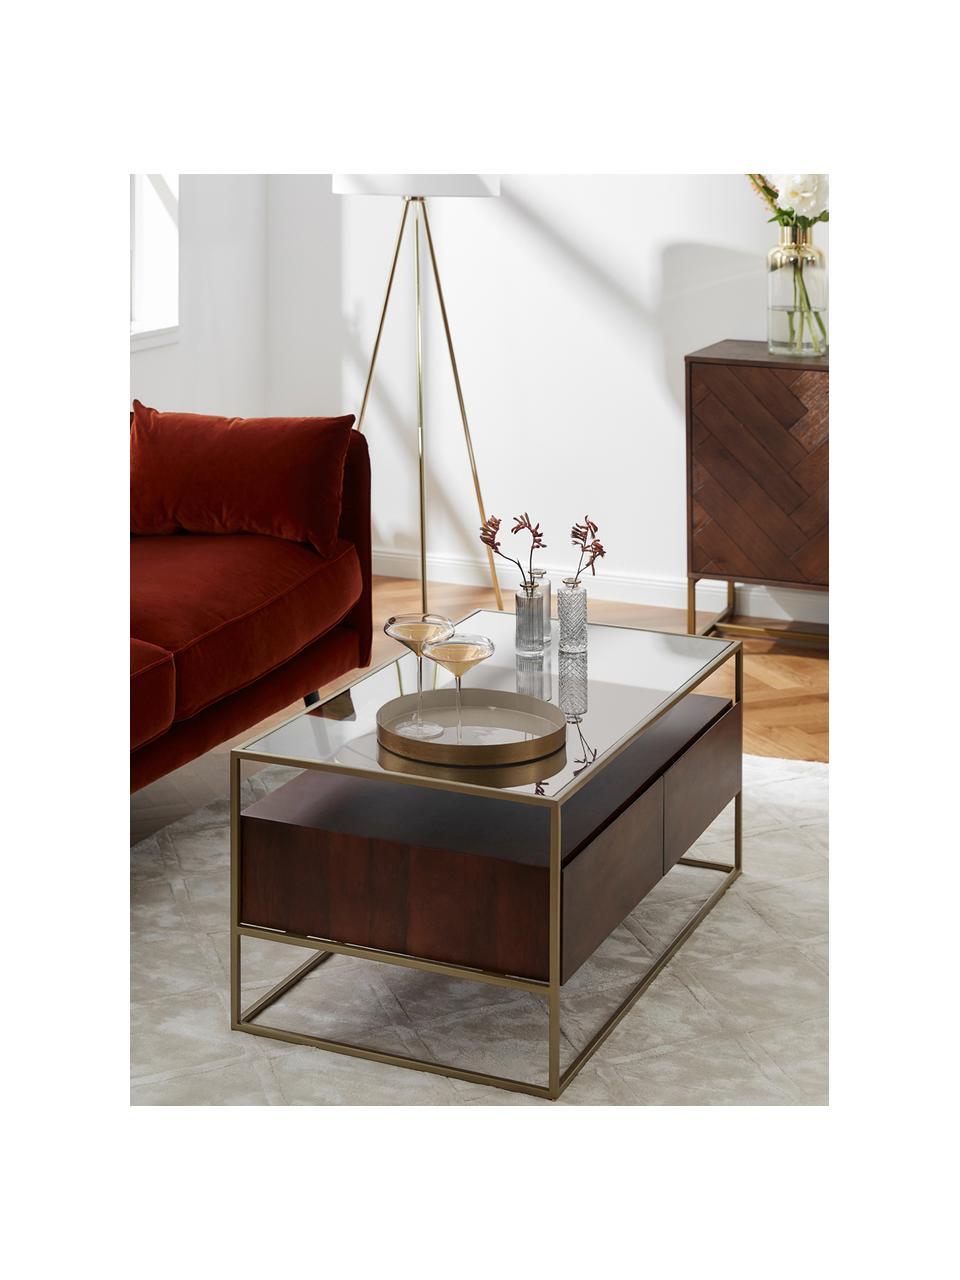 Stolik kawowy z szufladami Theodor, Blat: szkło, Stelaż: metal malowany proszkowo, Drewno mangowe powlekane, S 100 x W 45 cm